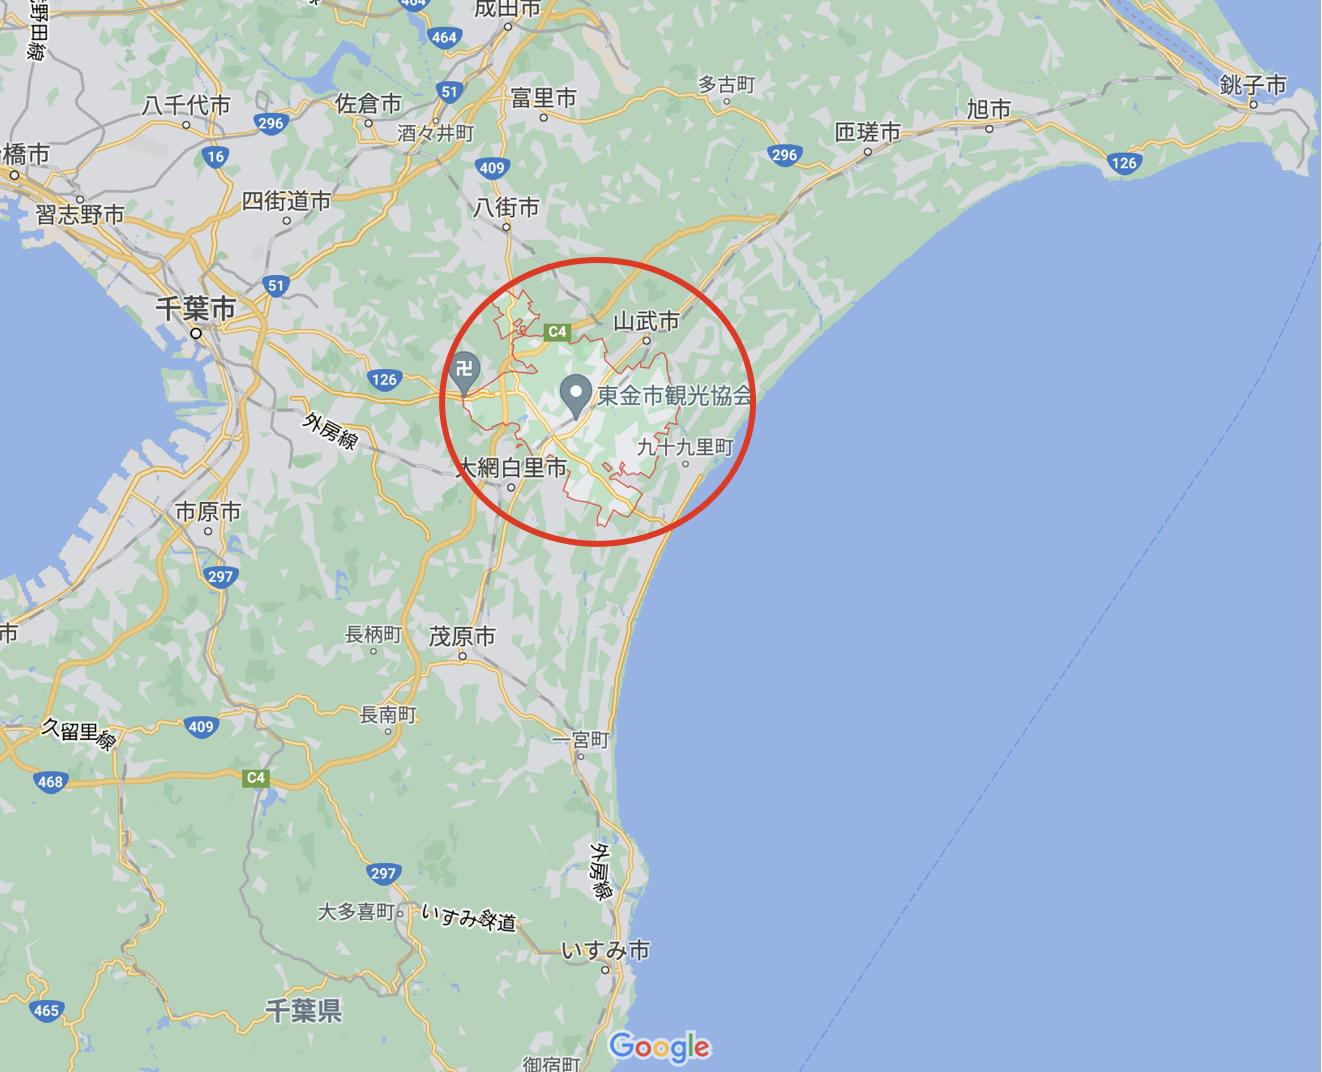 東金市の地図を掲載